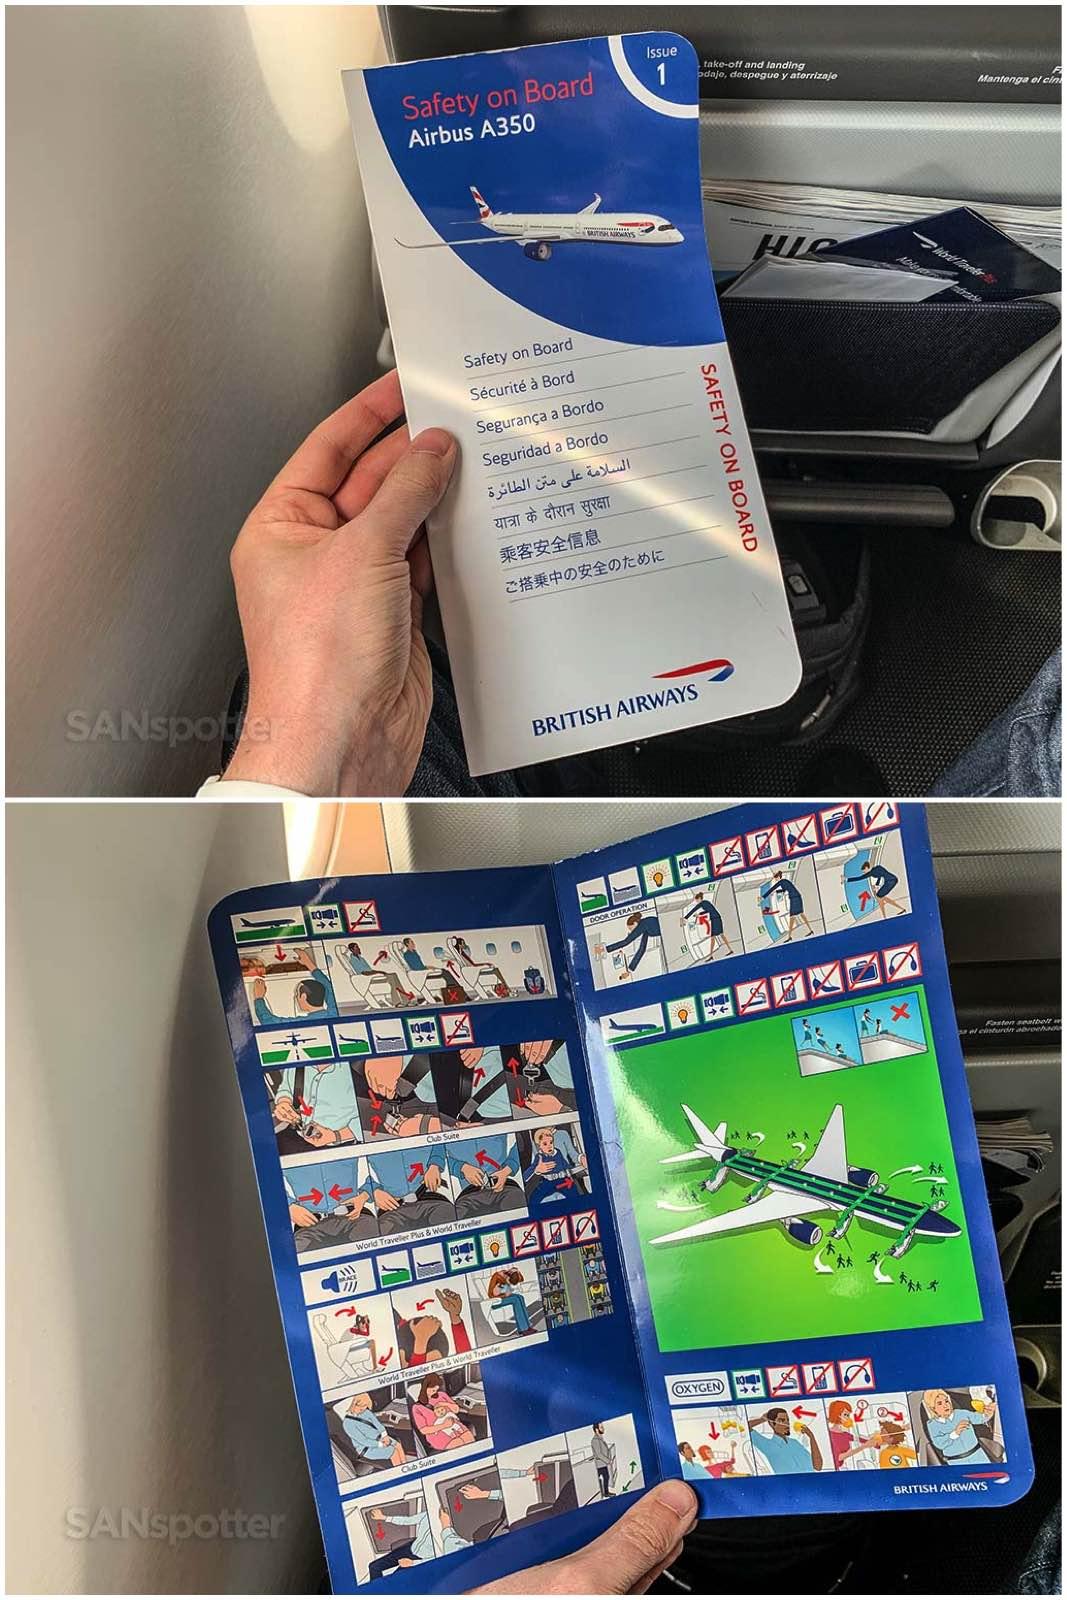 British Airways a350-1000 safety card